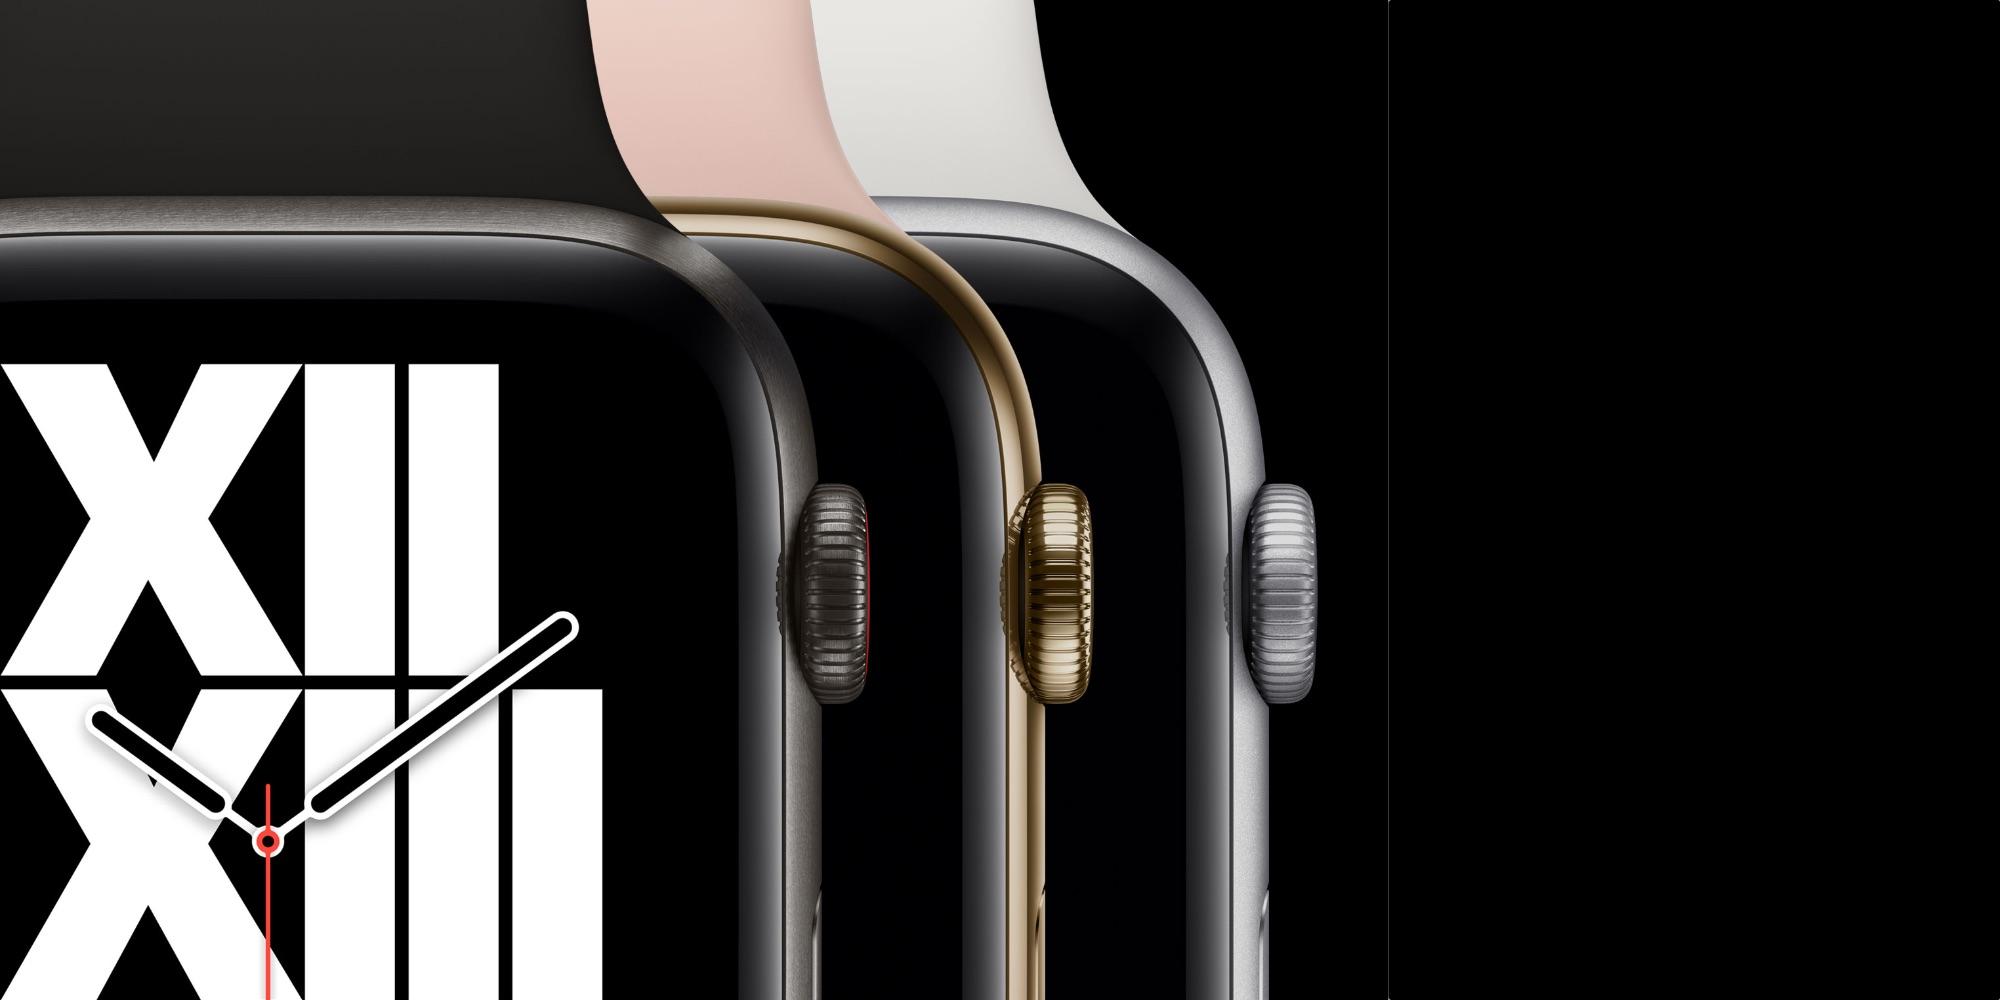 Apple Watch Series 7 могут иметь дизайн с плоскими краями и новый вариант в зеленом цвете